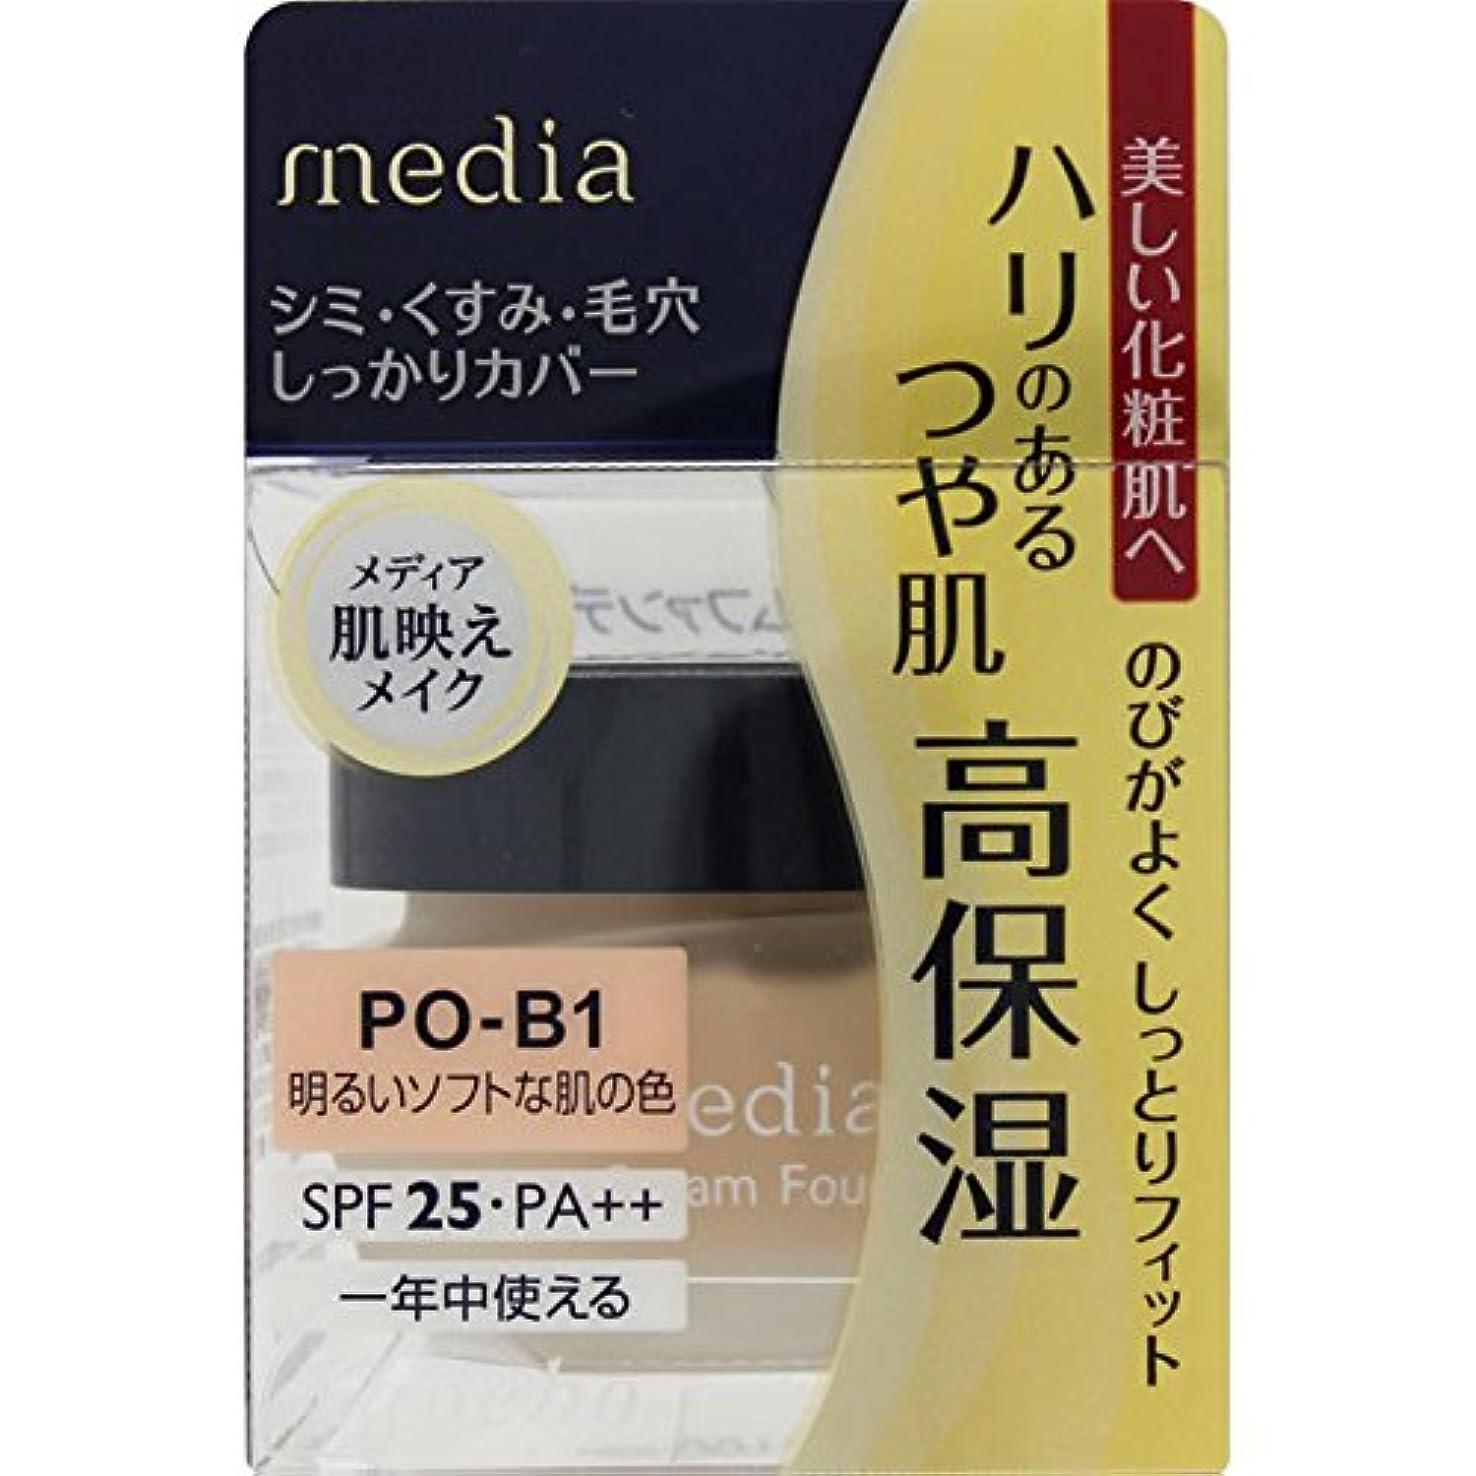 病院不快なオーストラリアカネボウ化粧品 メディア クリームファンデーション 明るいソフトな肌の色 POーB1